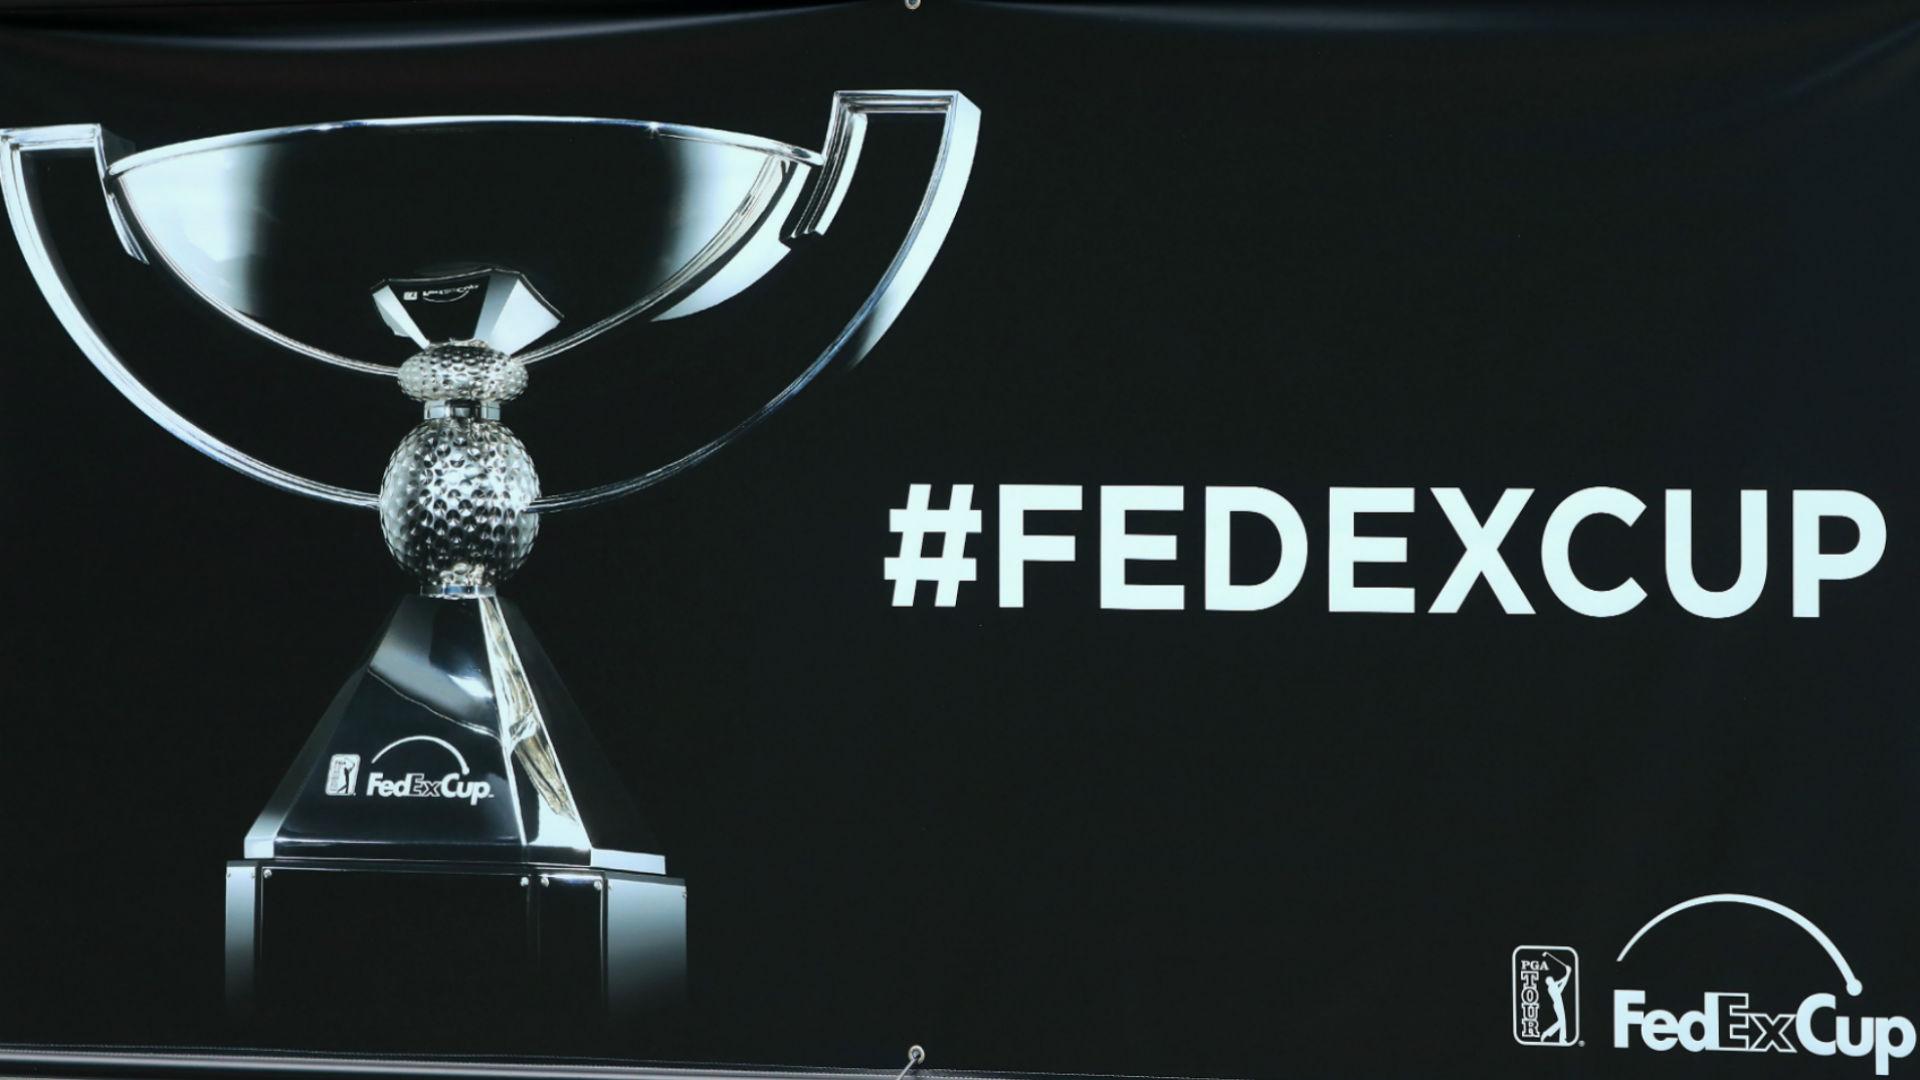 fedexcup-playoffs-ftr-0831-gijpg_108j2g43613by1aiddw2wntymy